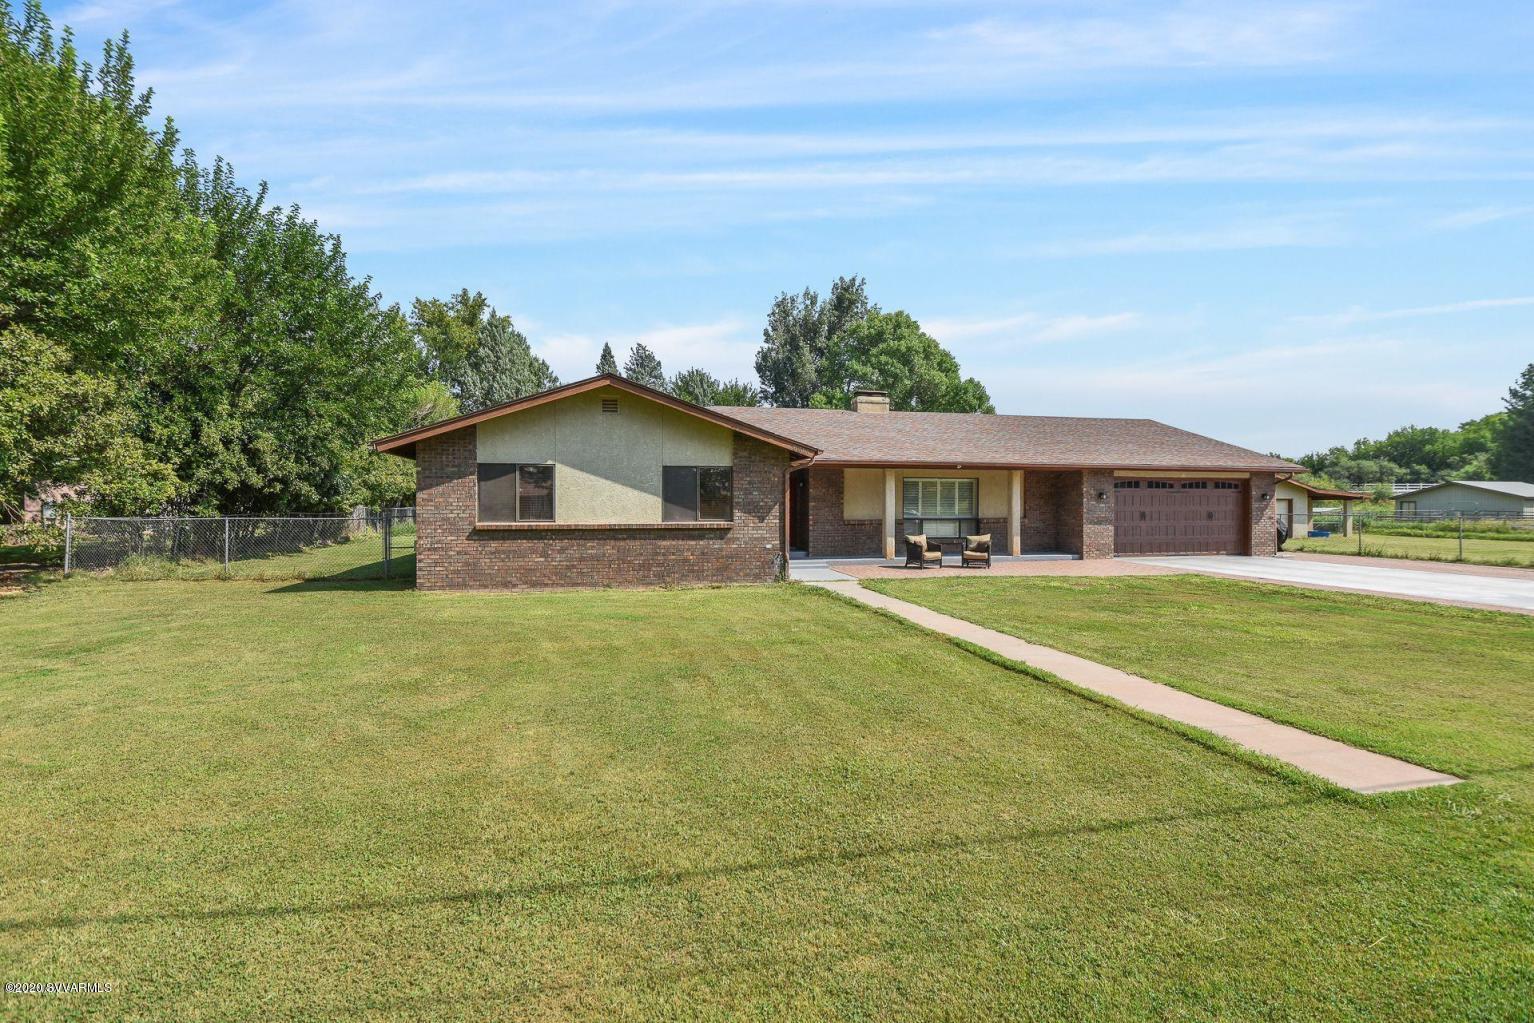 Photo of 9810 Garden, Cornville, AZ 86325